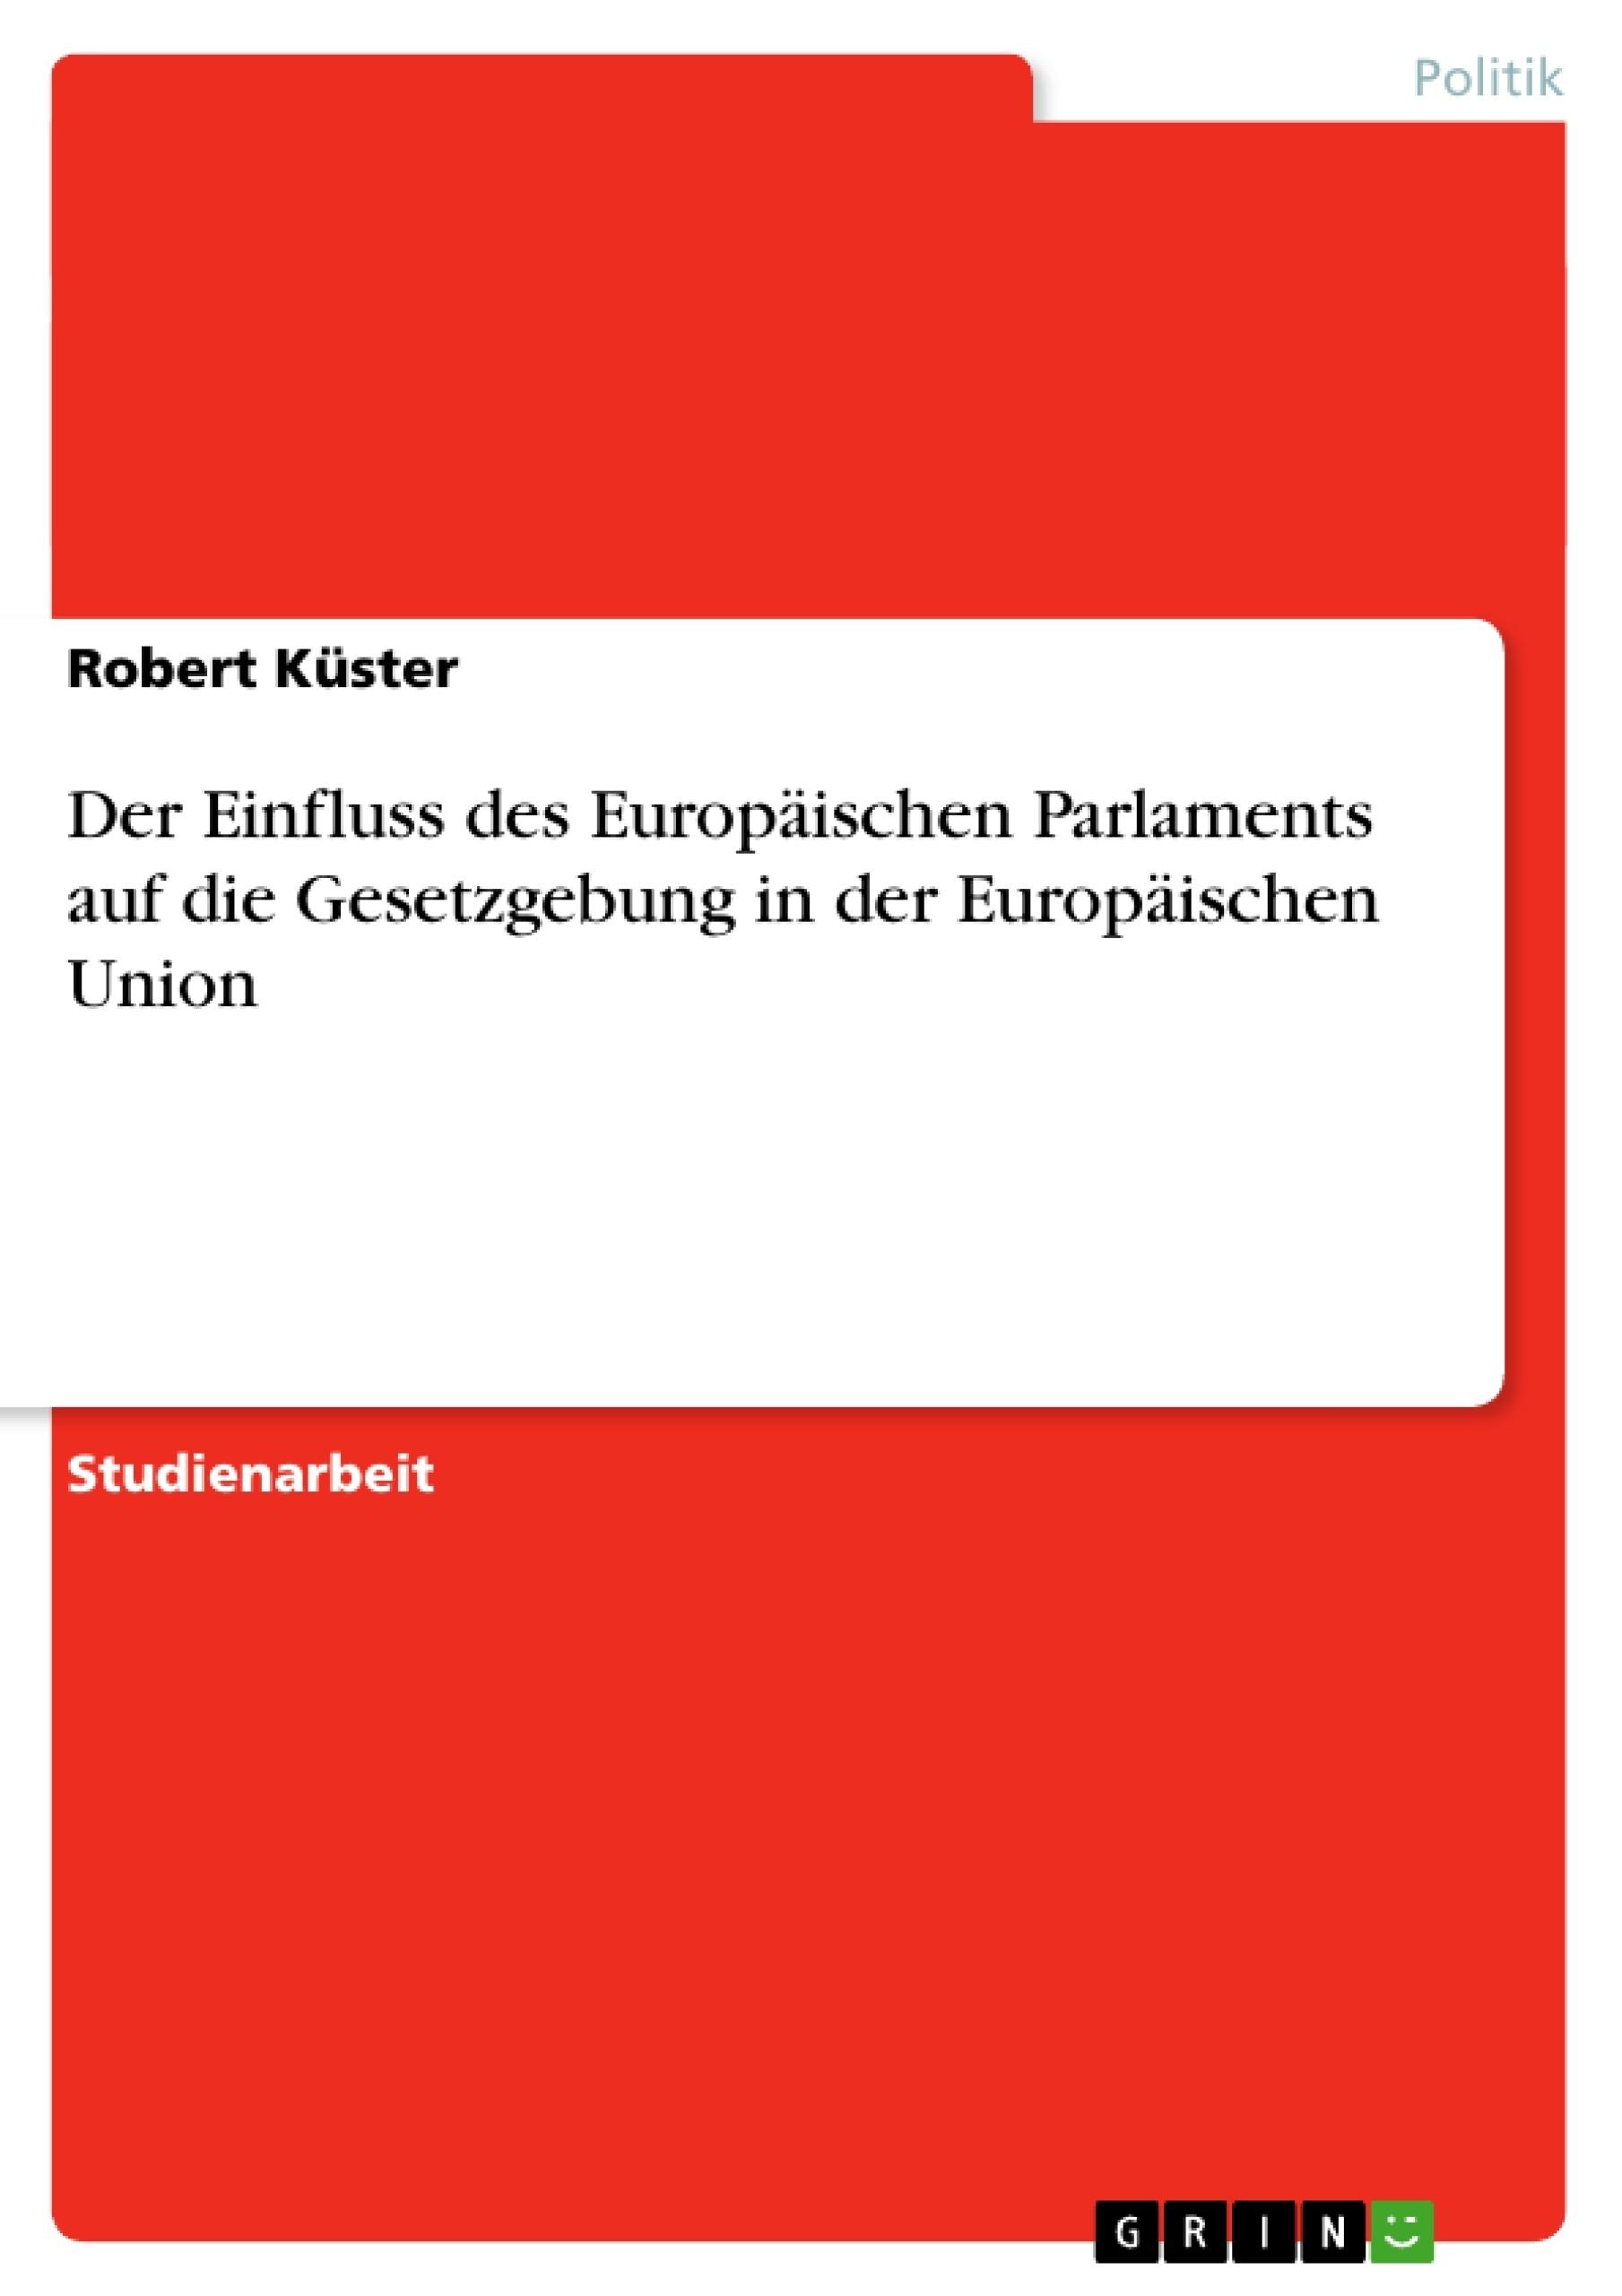 Titel: Der Einfluss des Europäischen Parlaments auf die Gesetzgebung in der Europäischen Union